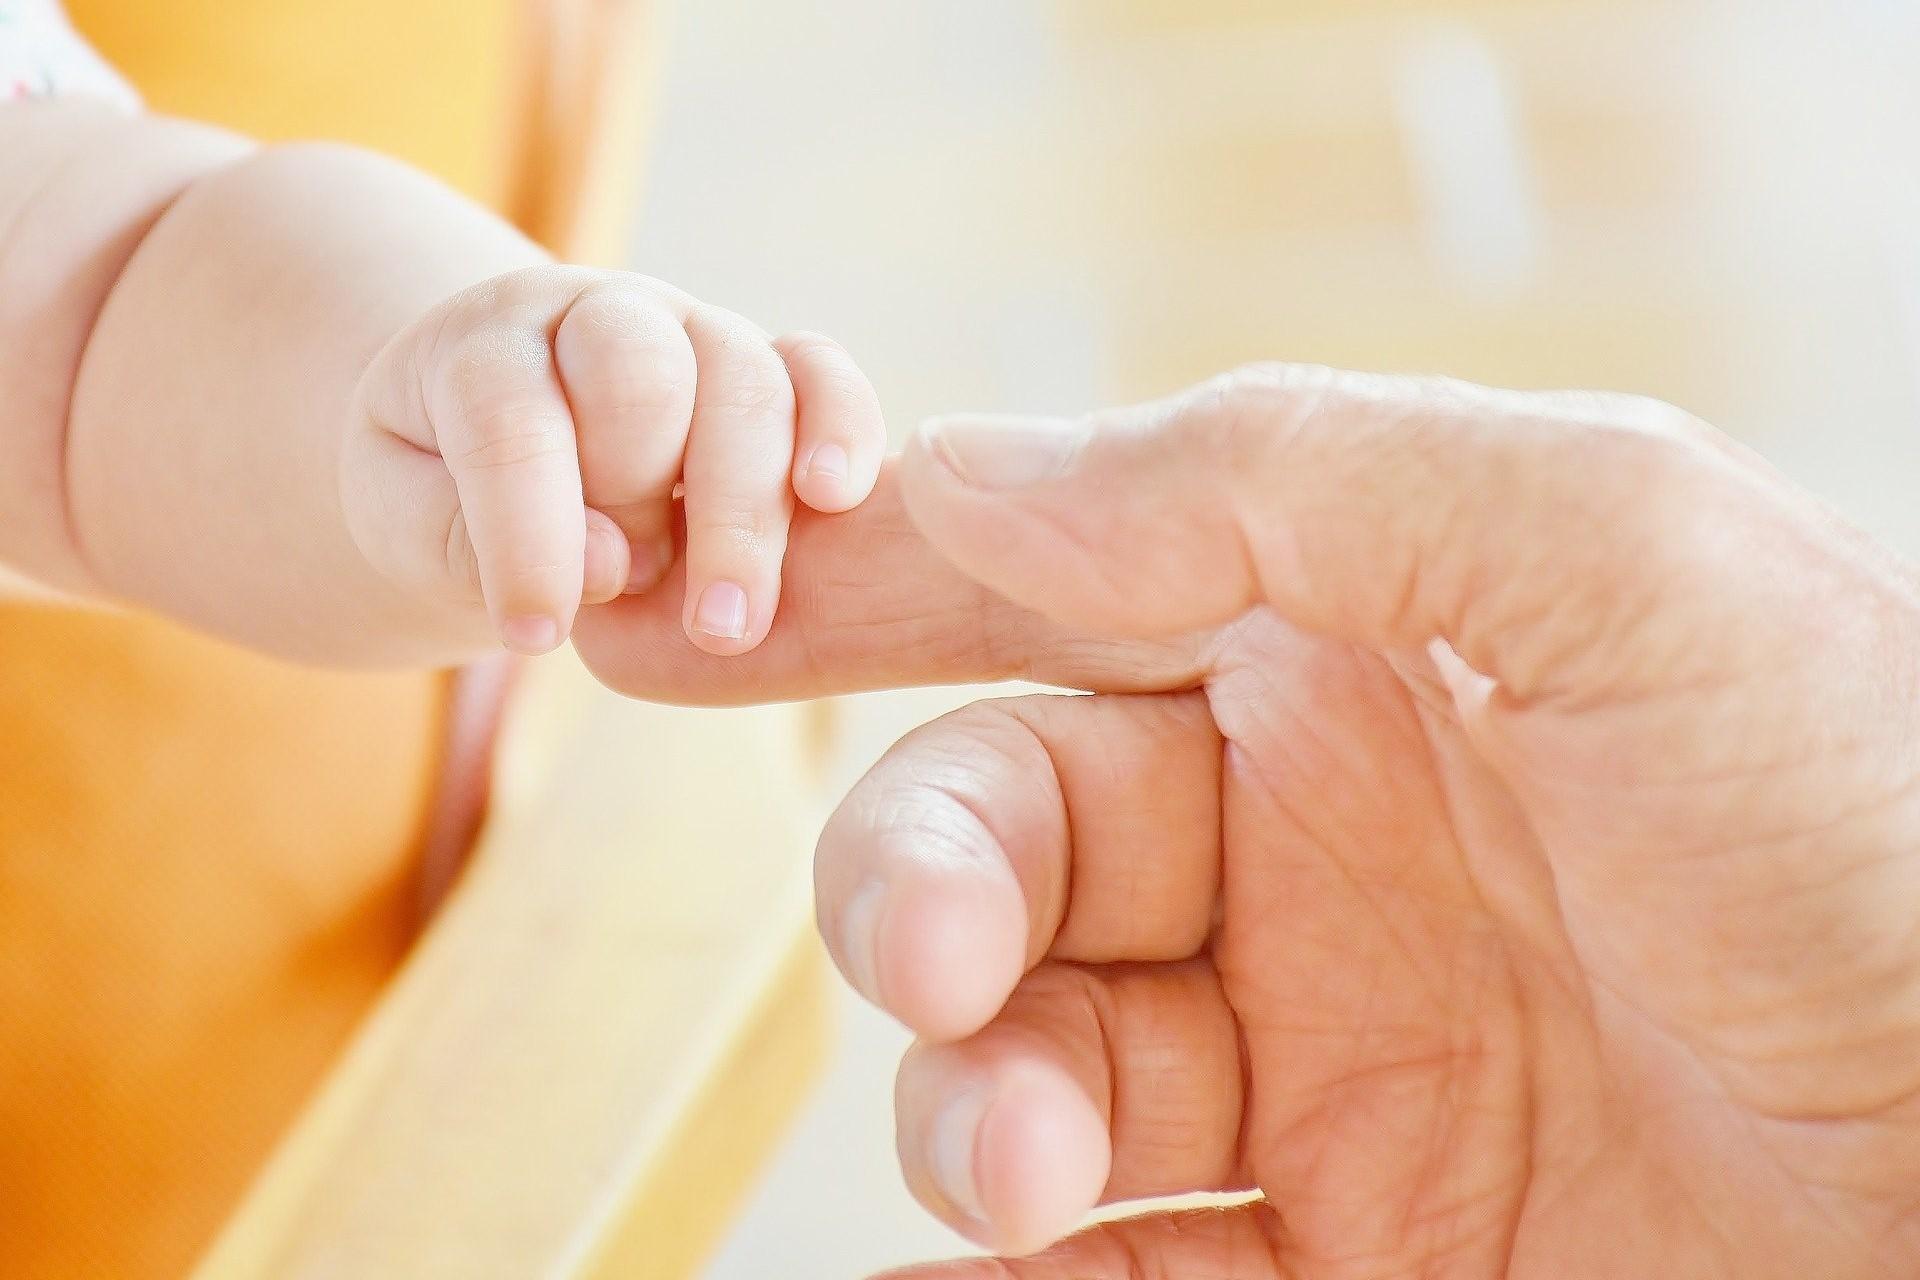 Bild Babyhand, Quelle: Bild von RitaE auf Pixabay